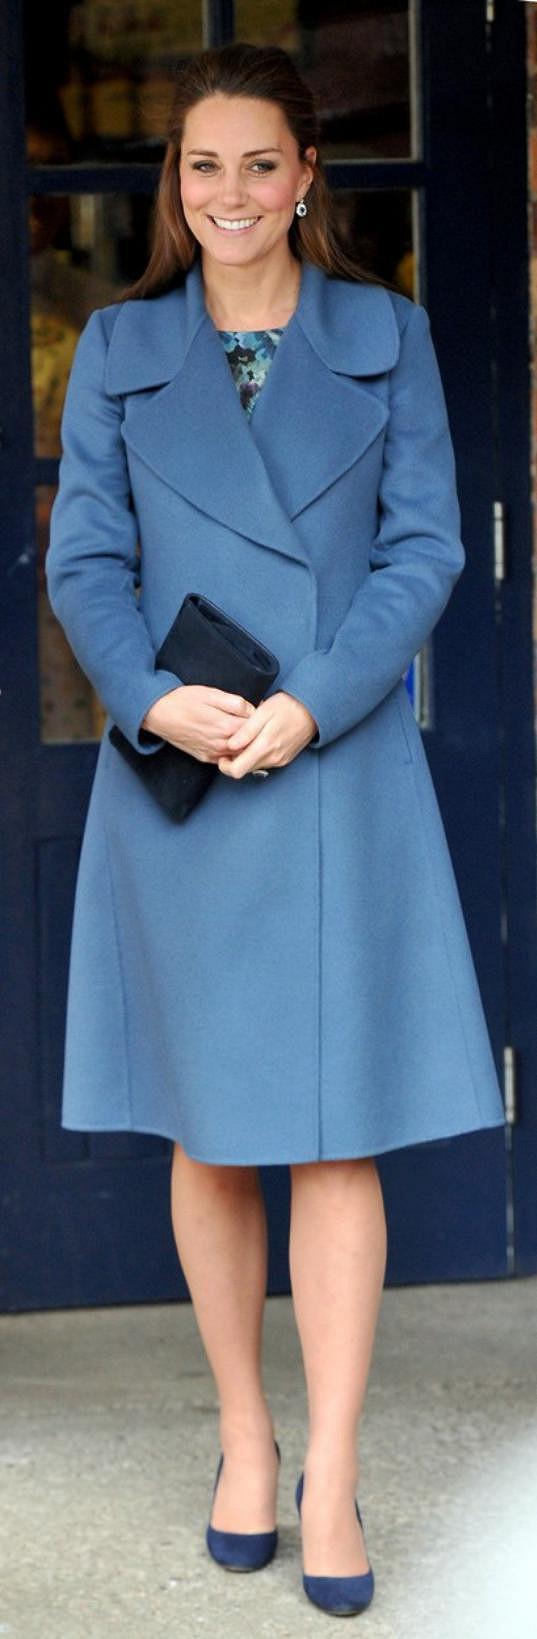 Vévodkyně z Cambridge zářila opět v modré.